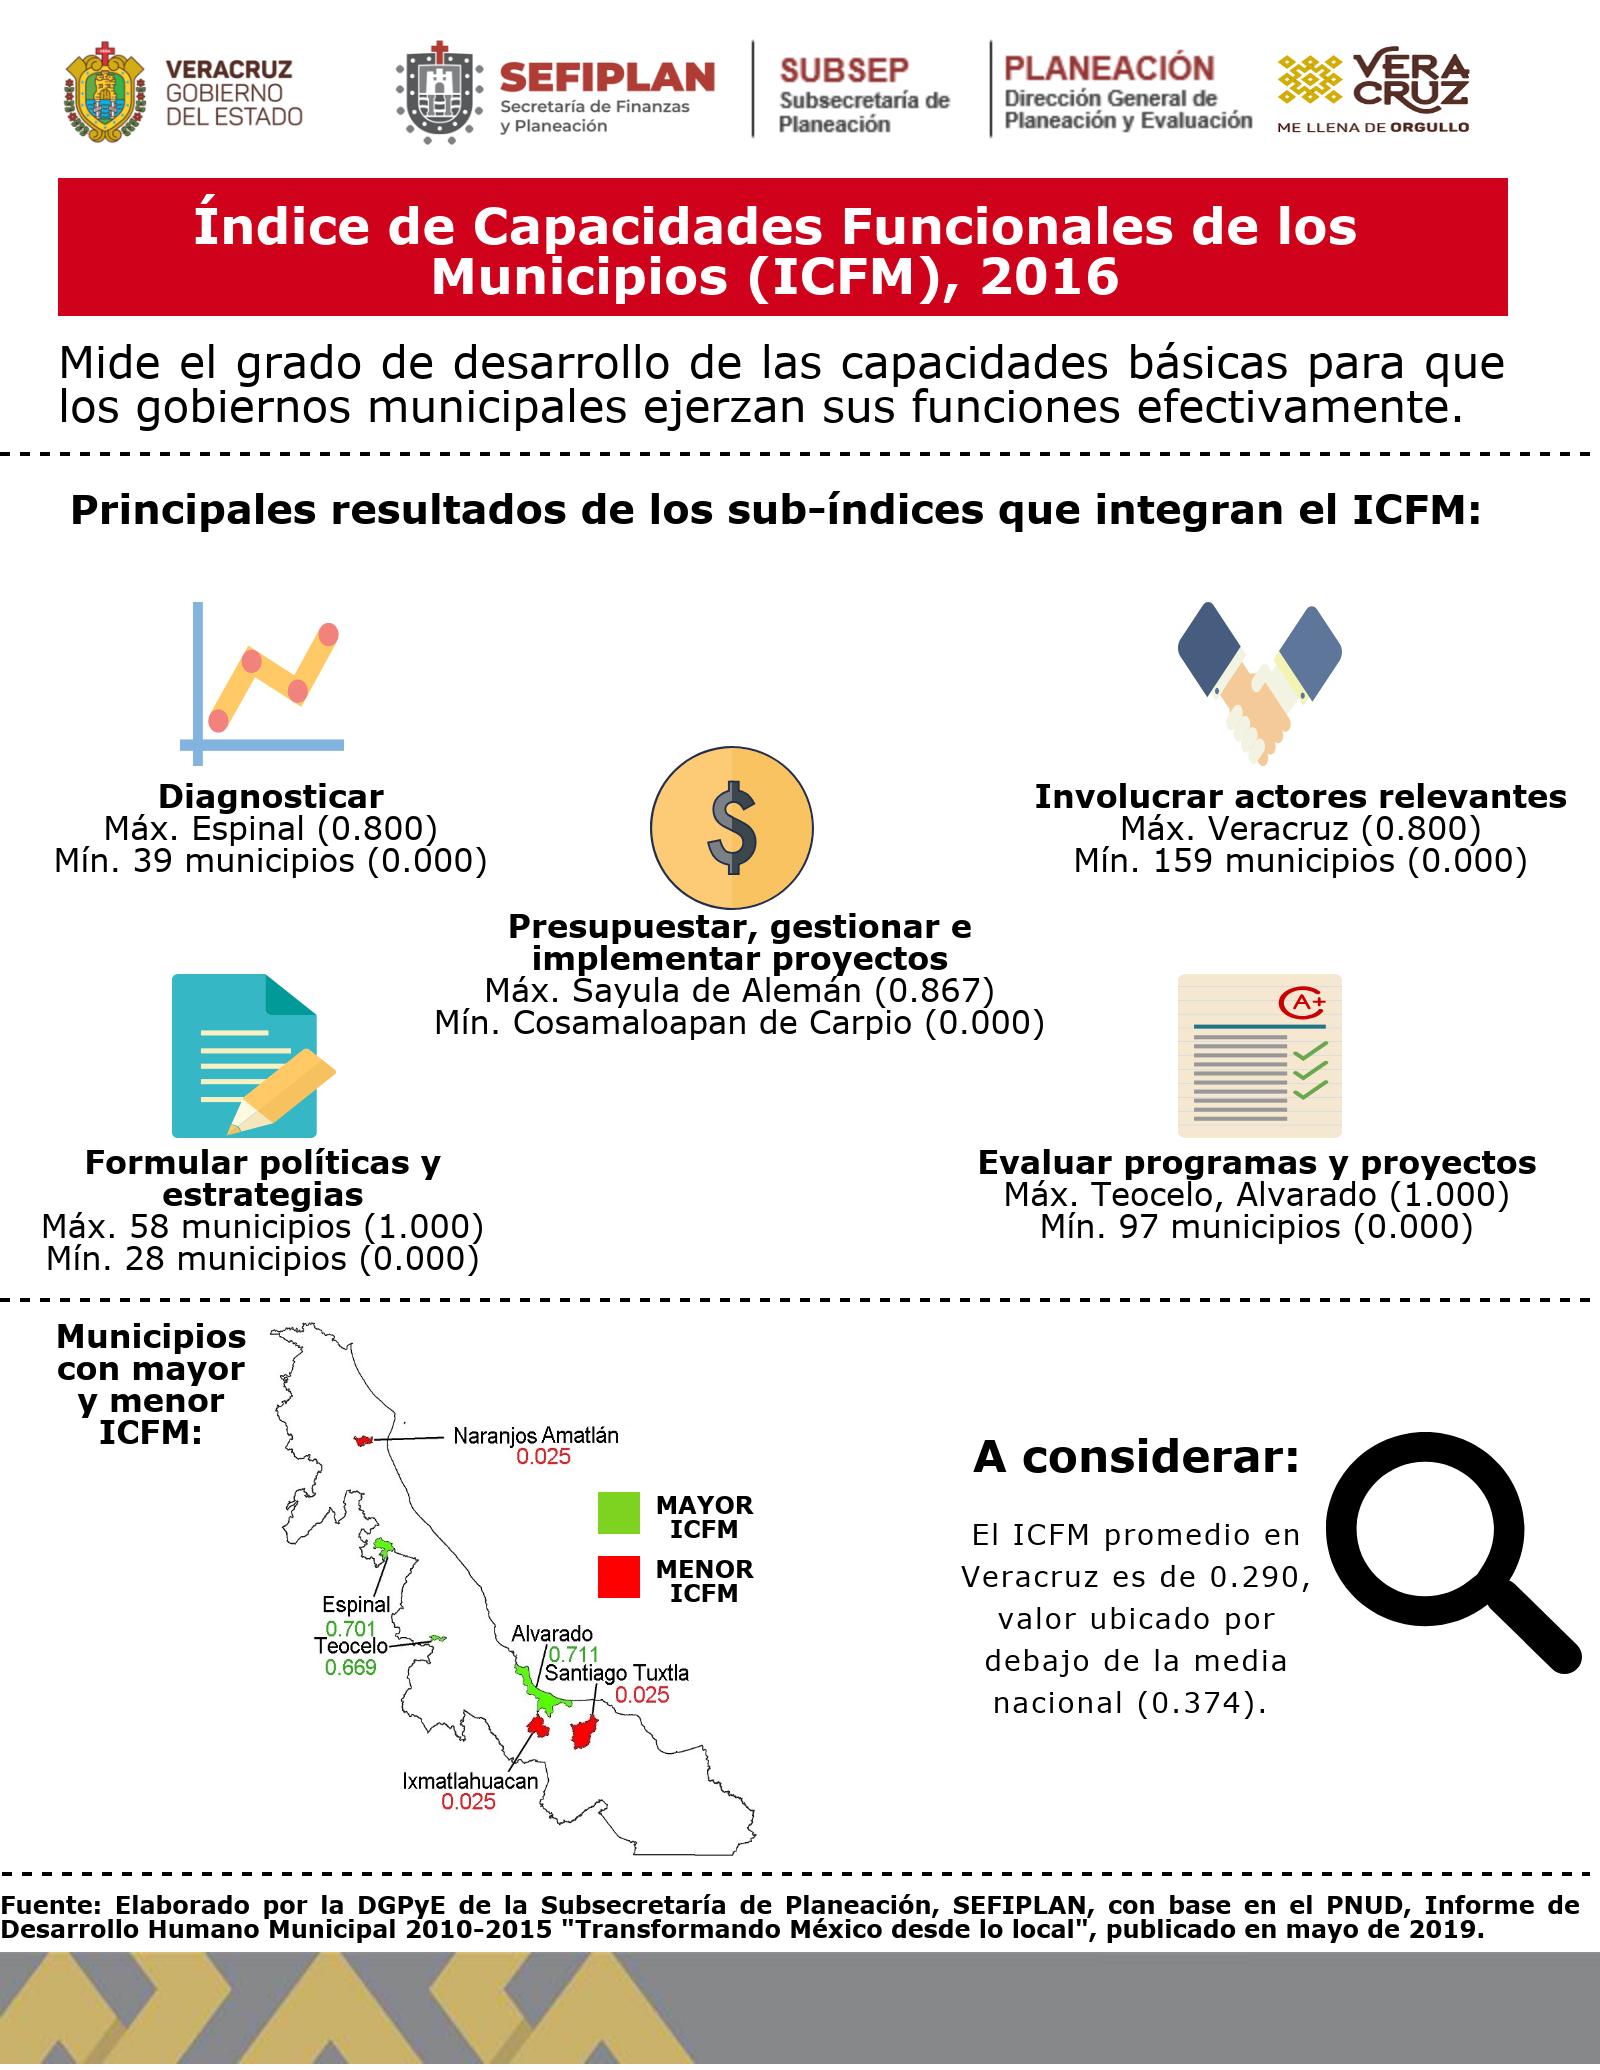 Infografía Veracruz (Edo. y municipios) ICFM 2016.SubsPlaneac